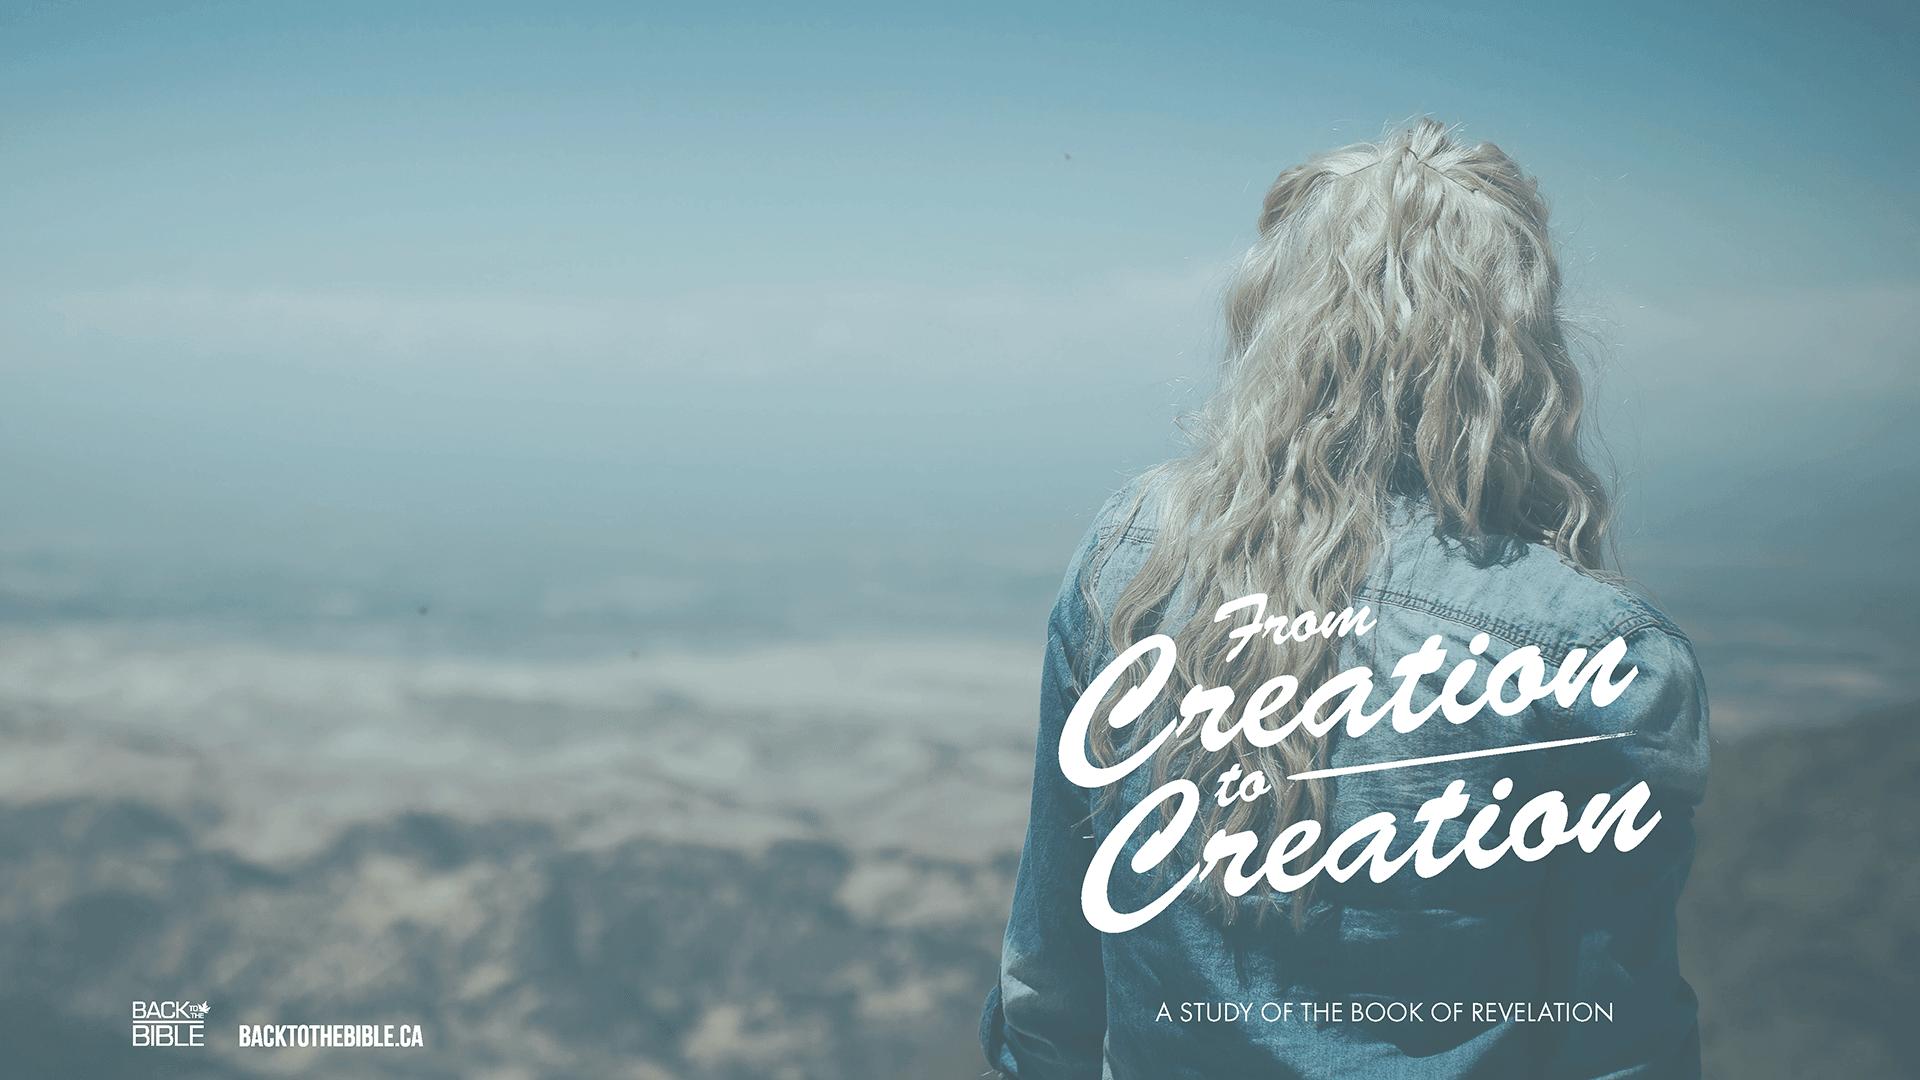 FI_Creation to Creation_1920x1080